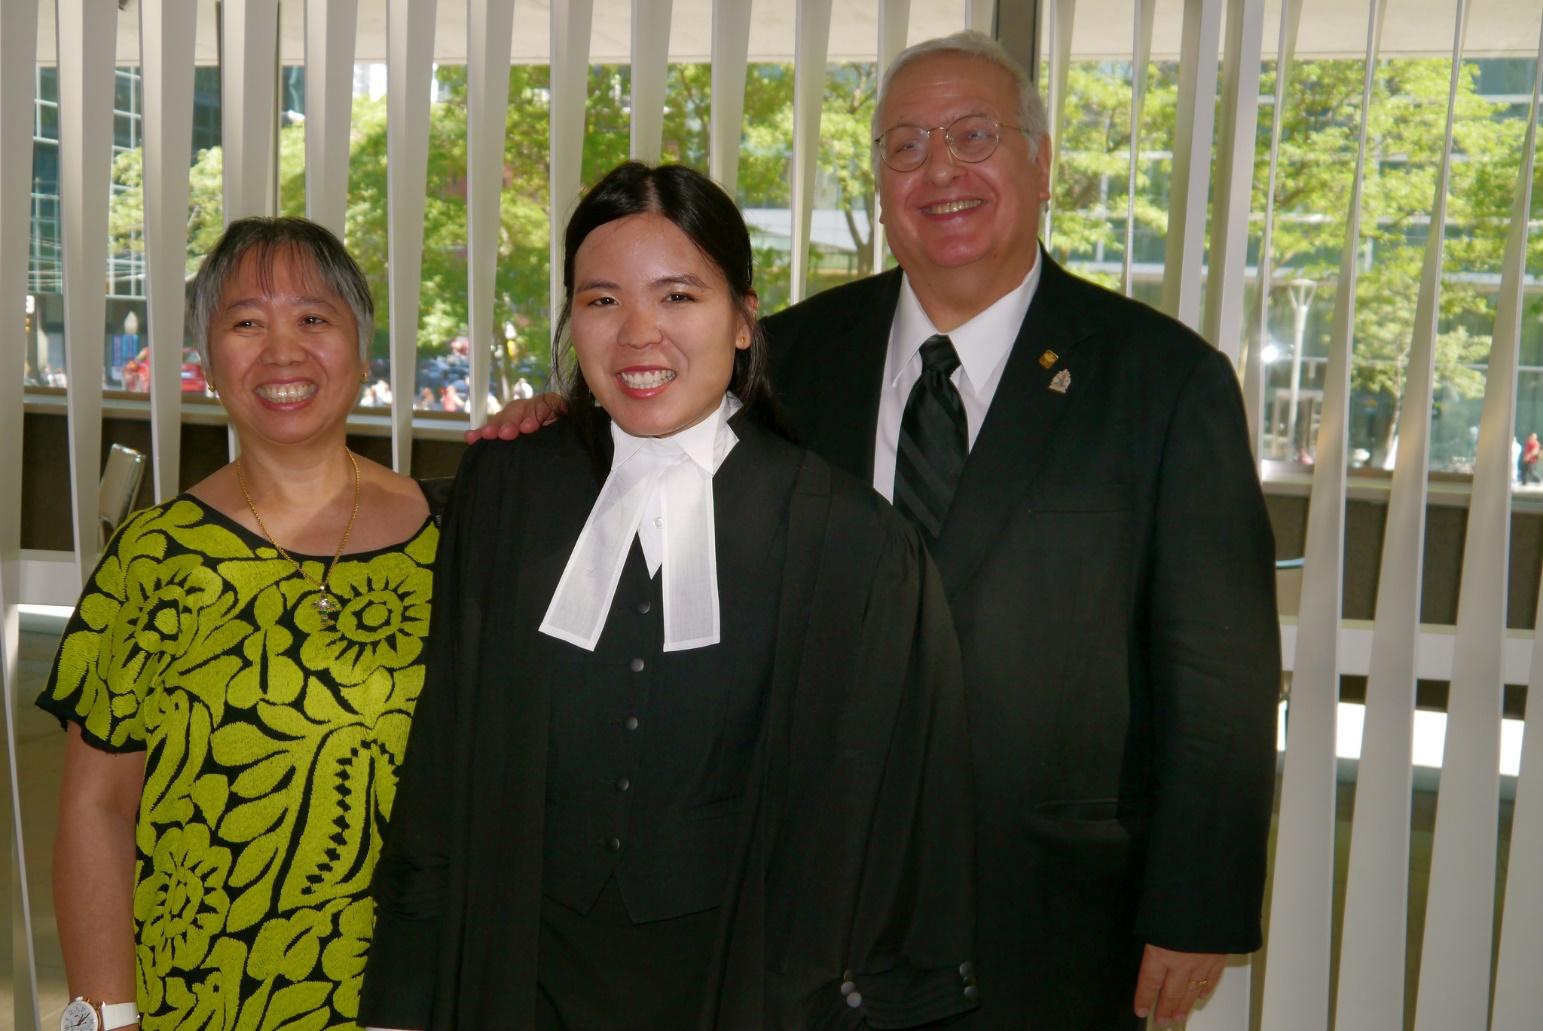 rent court attire